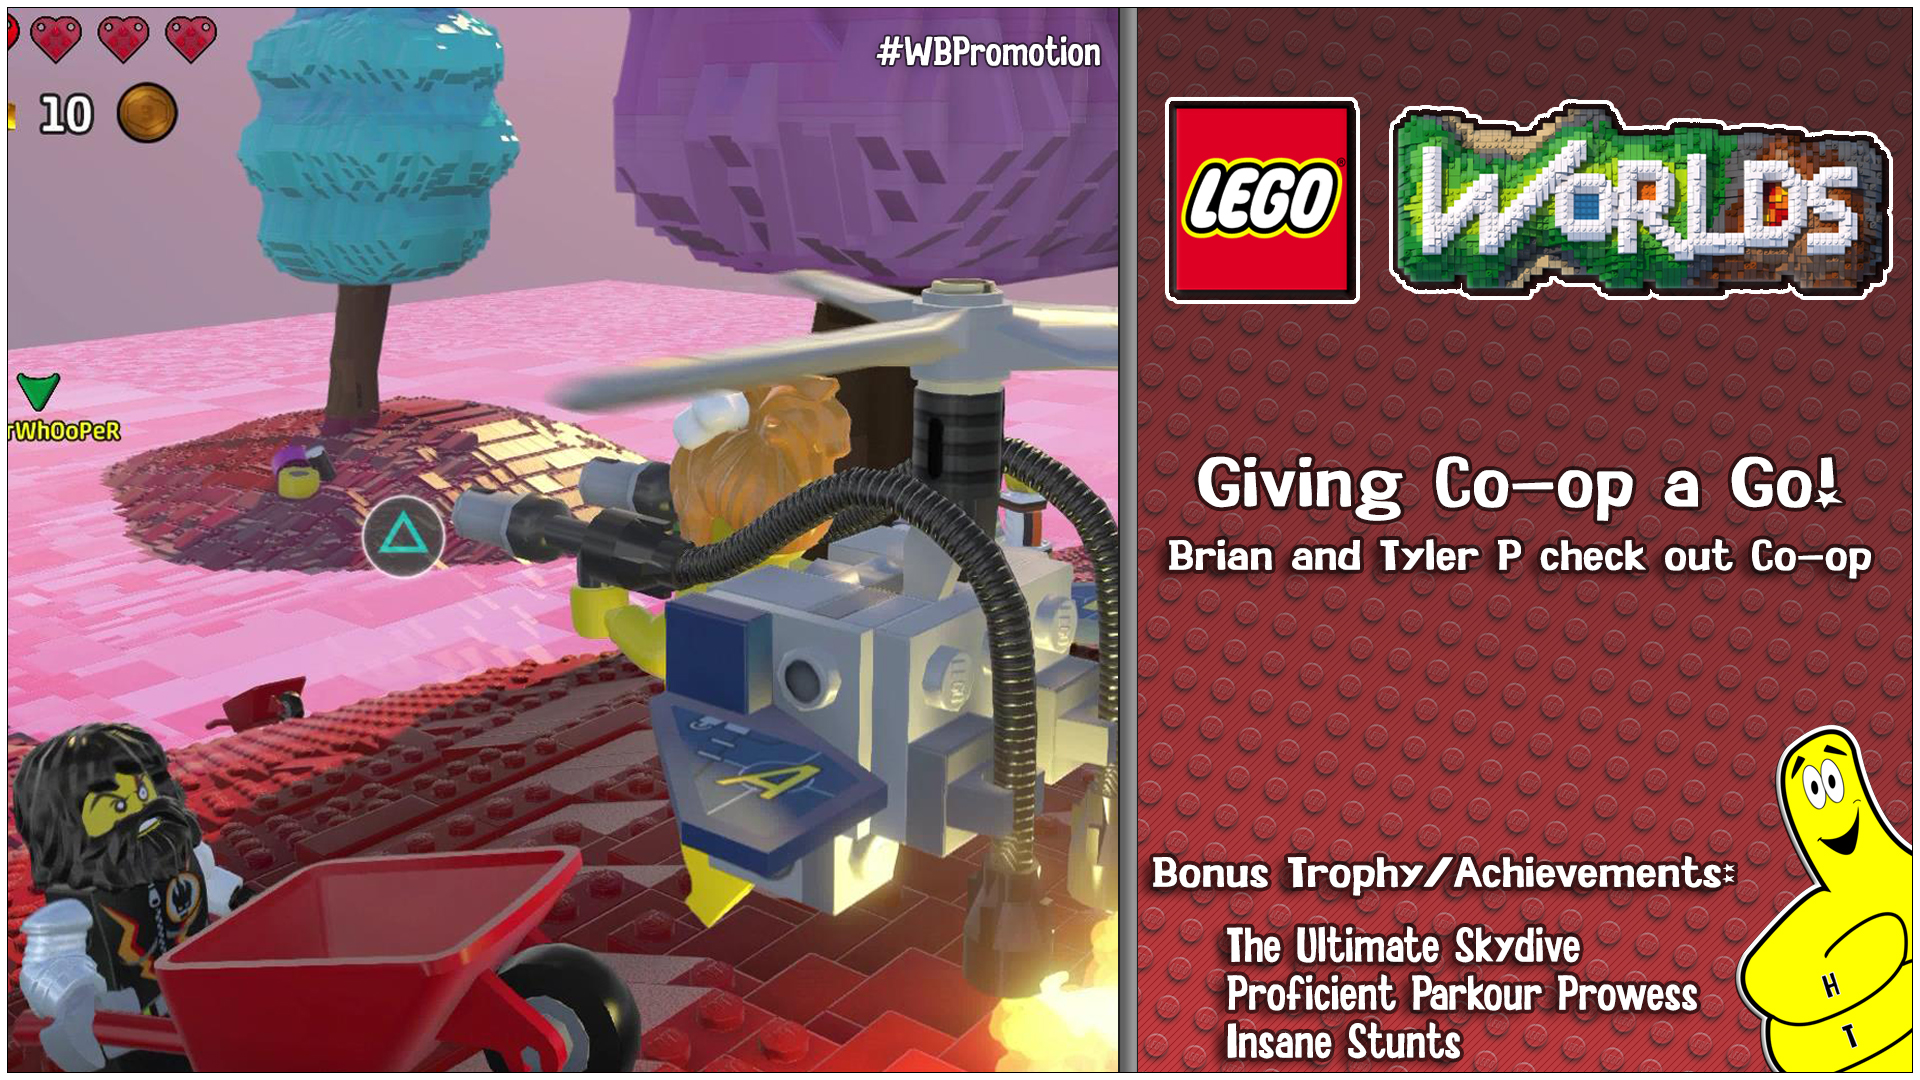 LegoWorldsGivingCoopAGoThumb